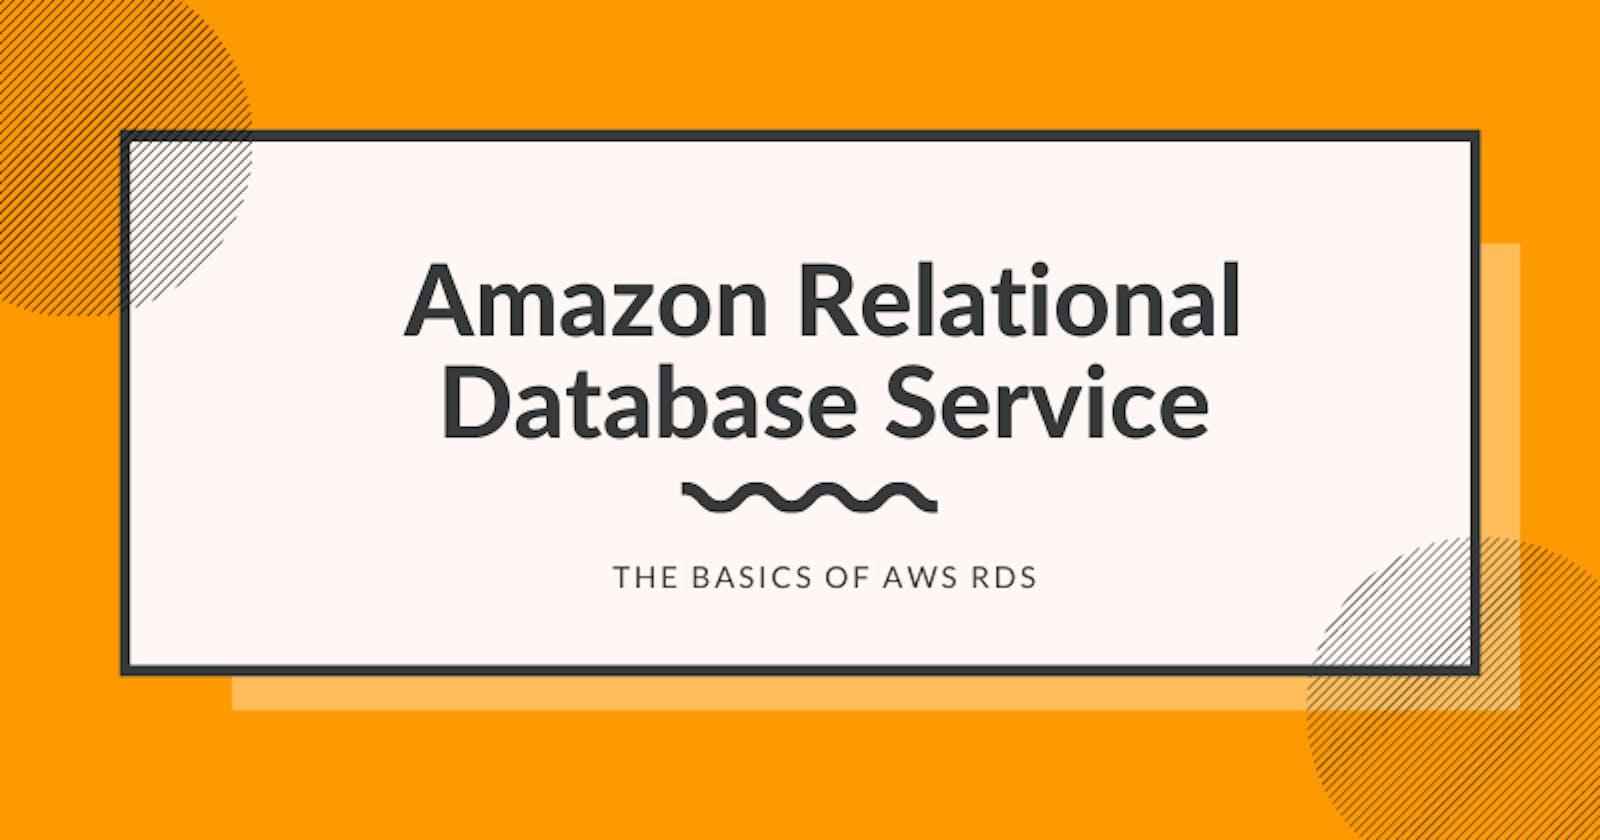 Amazon Relational Database Service - The Basics Of AWS RDS